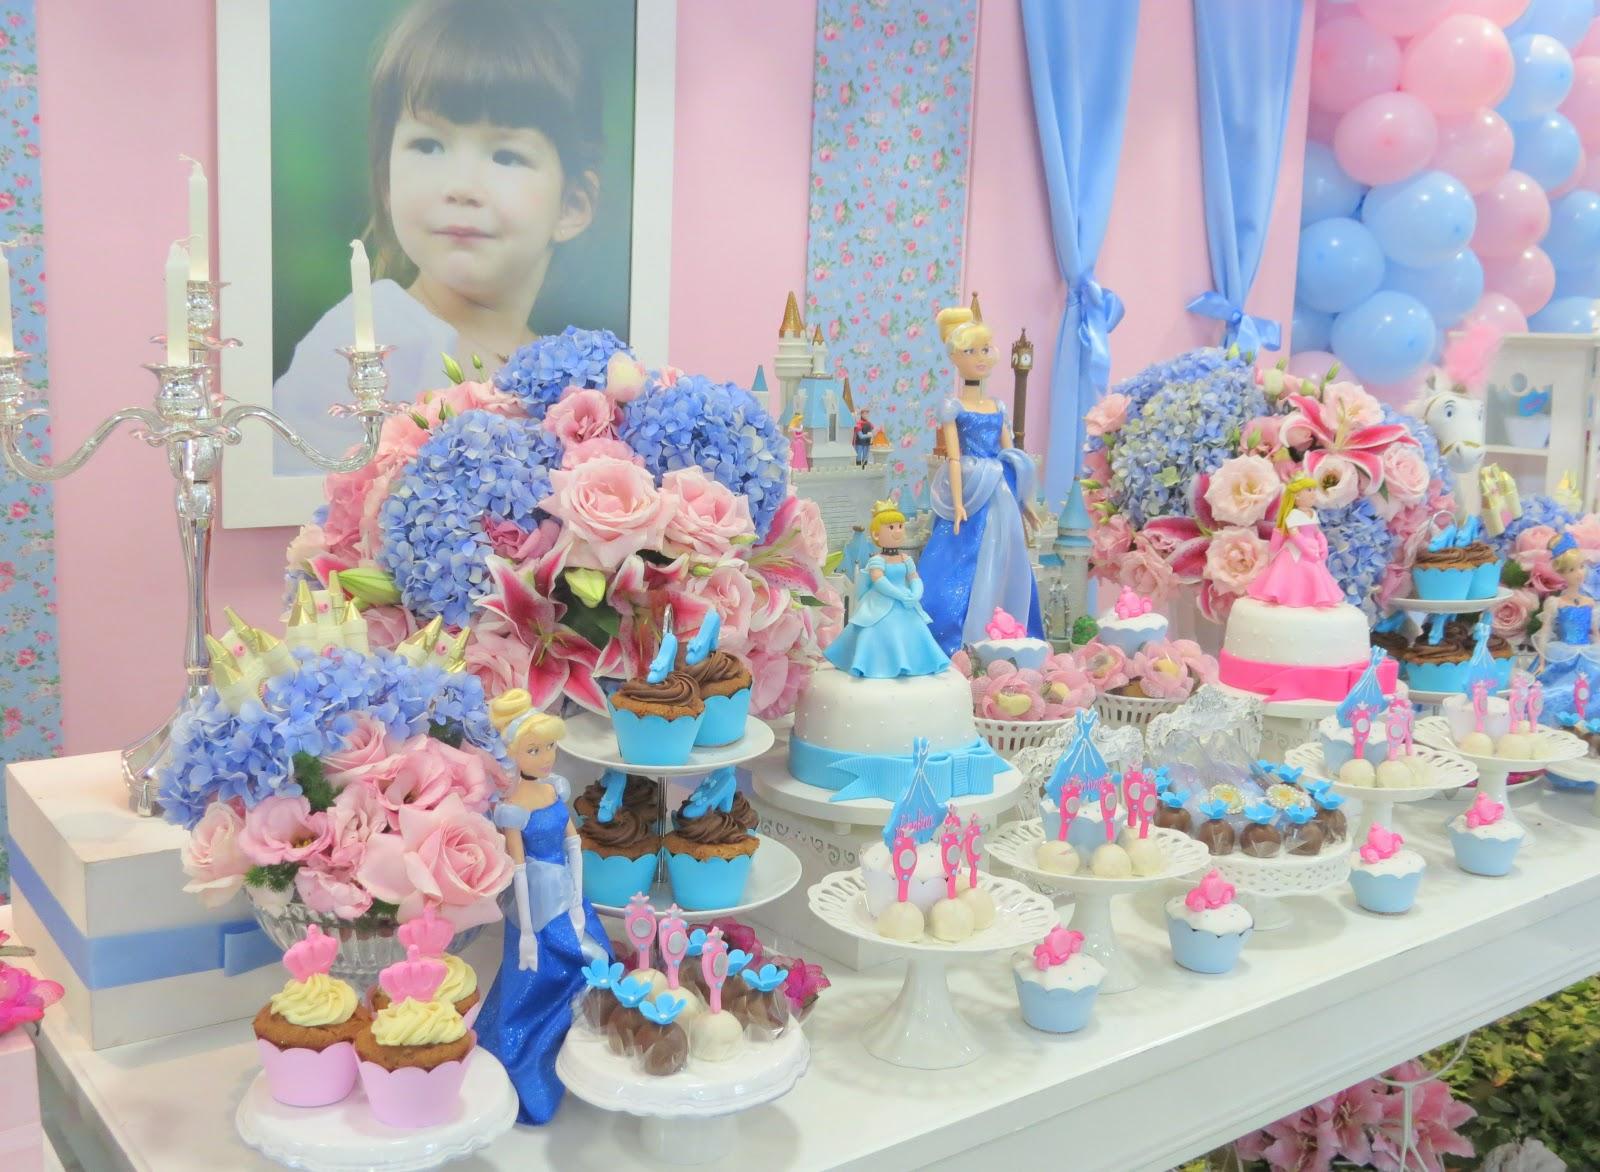 Enfeite De Festa ~ Enfeites de Mesa para Festa Infantil Fotos